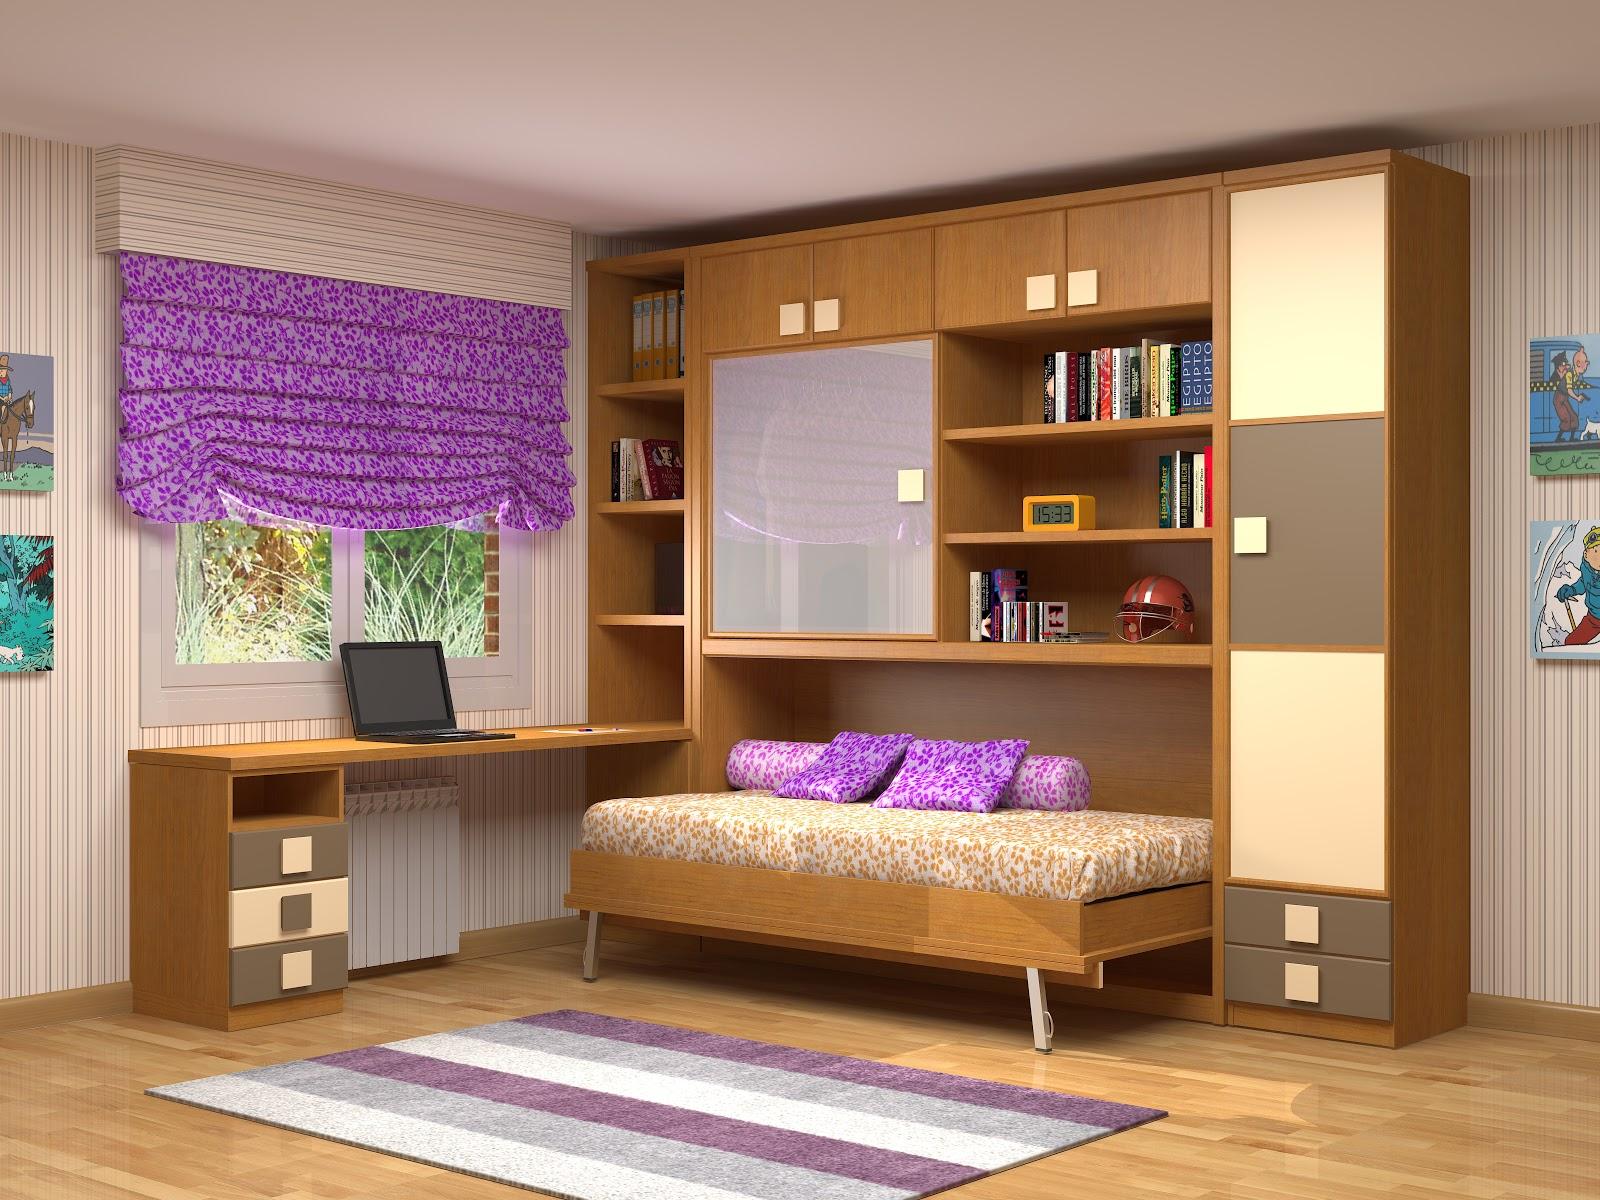 Muebles juveniles dormitorios infantiles y habitaciones for Armarios para habitaciones pequenas